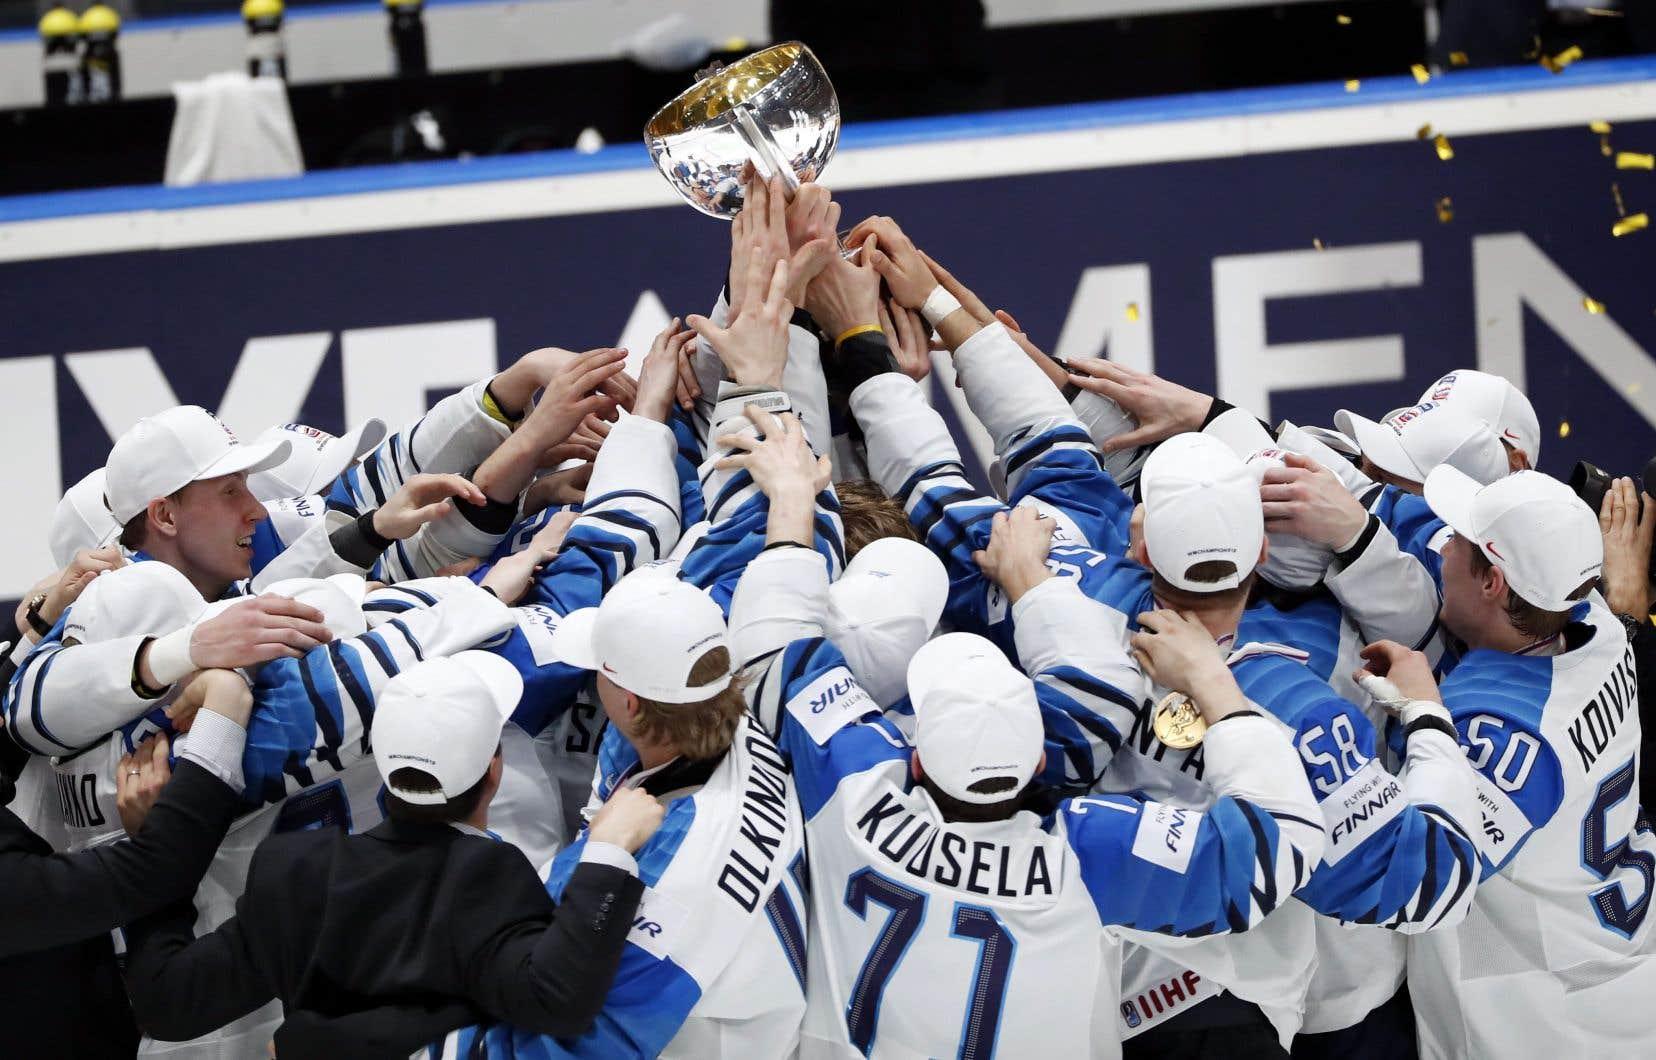 Les joueurs de l'équipe de Finlande ont soulevé la coupe après la victoire des leurs, dimanche.